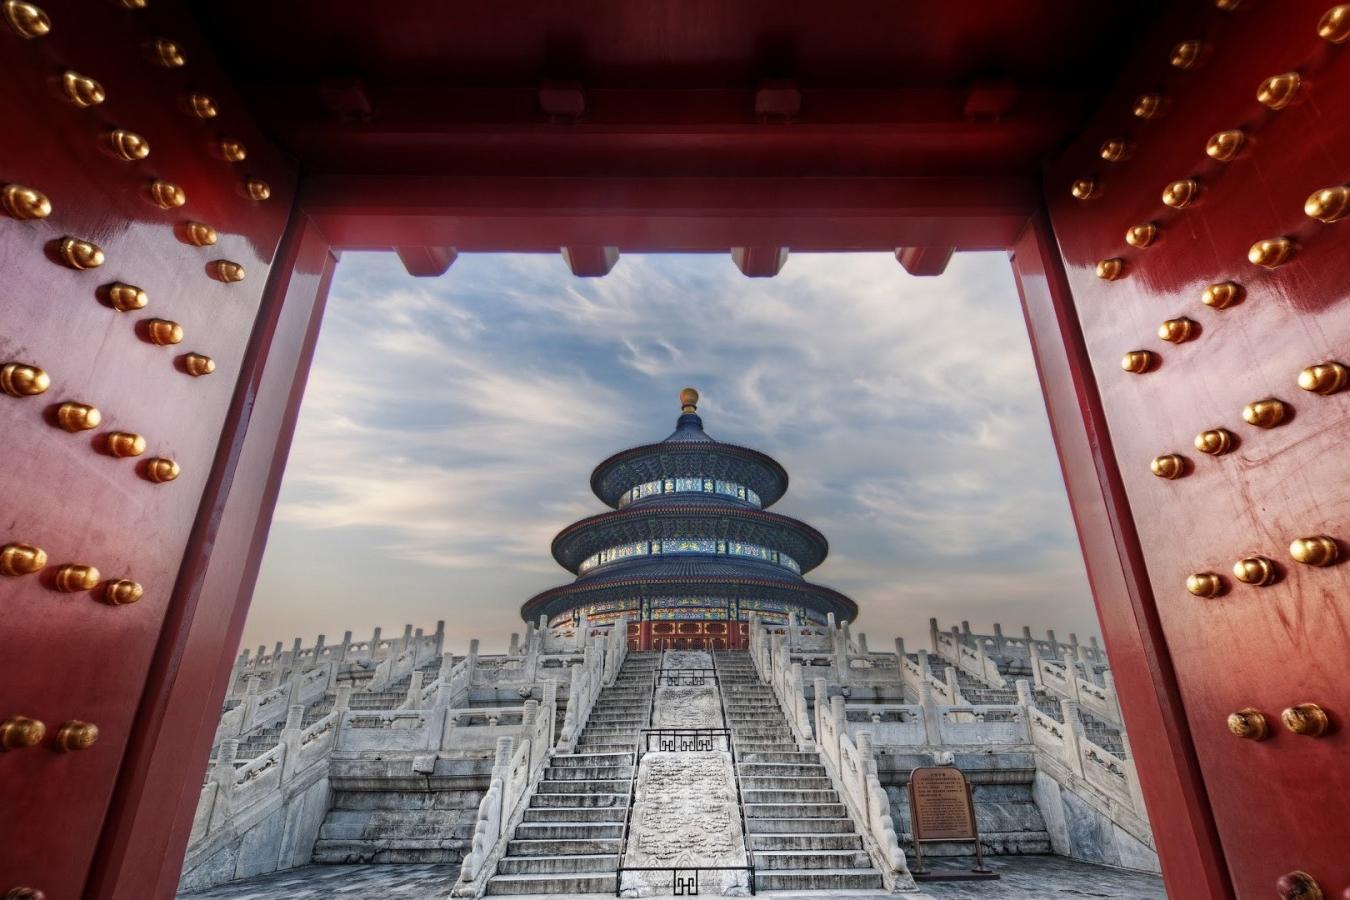 Tour du lịch Bắc Kinh - Vạn Lý Trường Thành (4N3Đ)   Gonatour